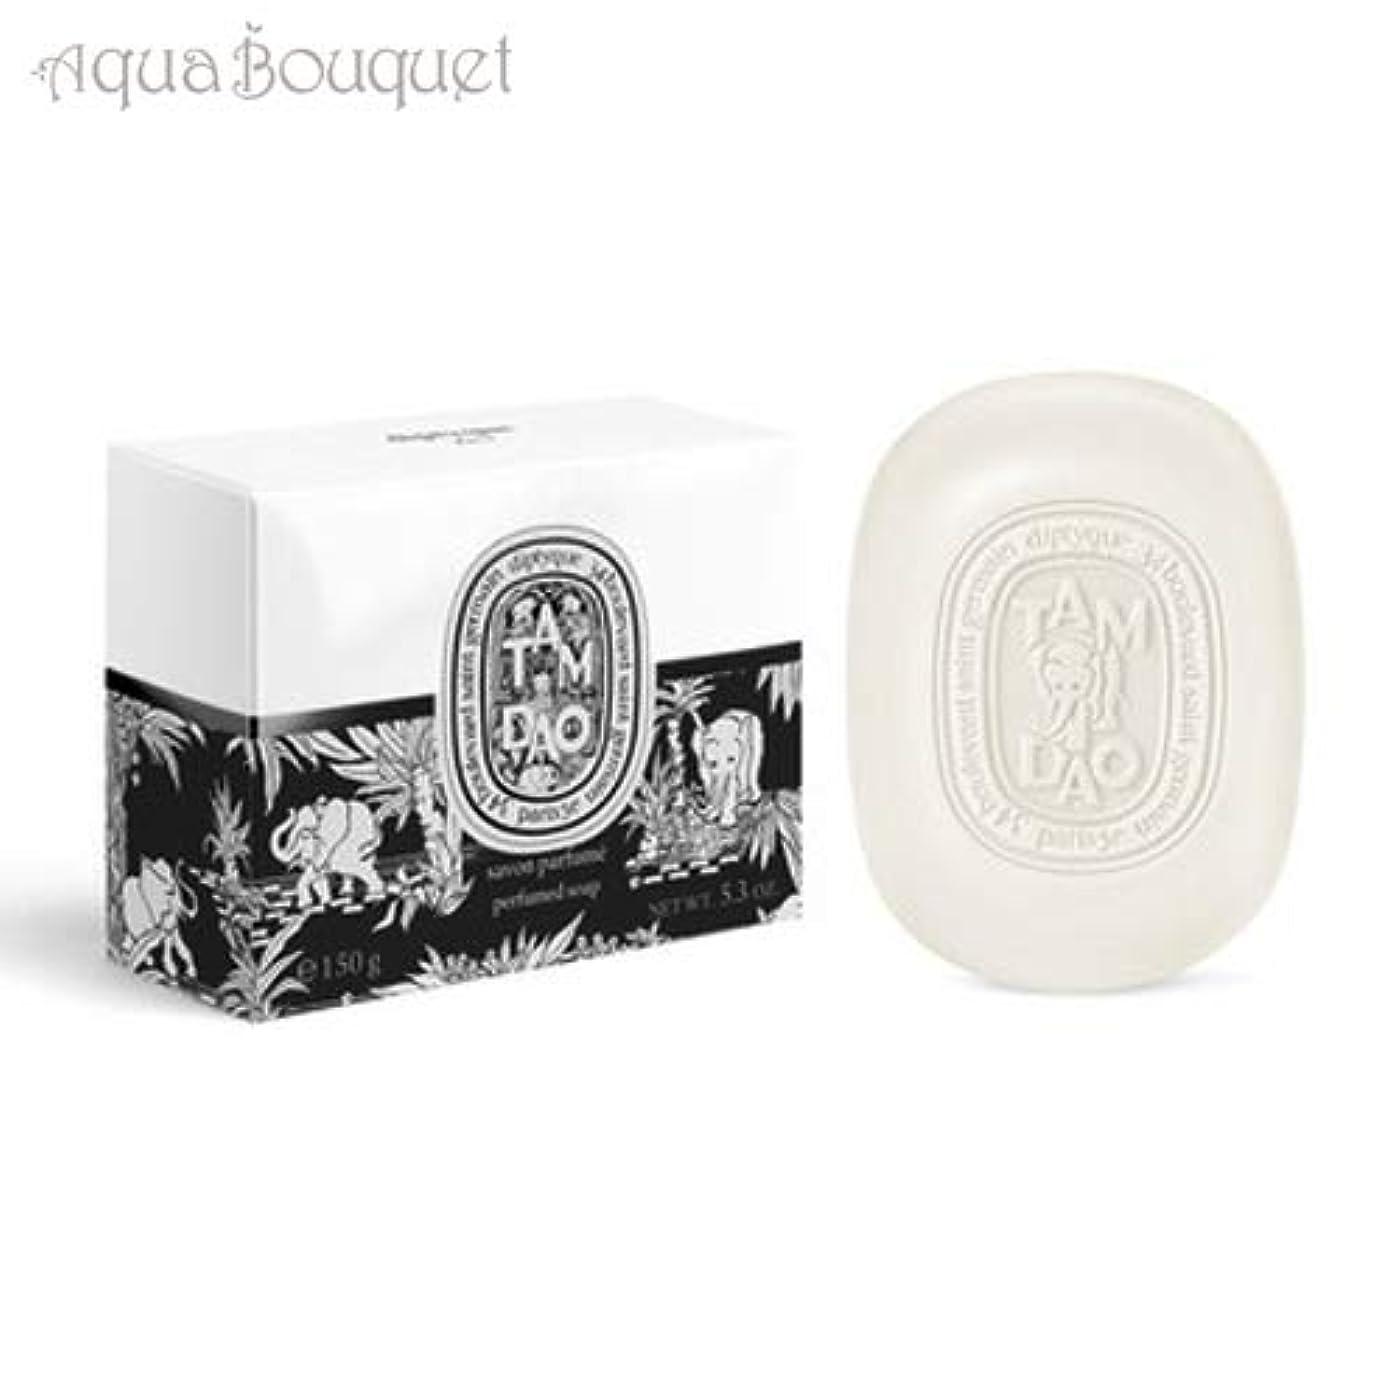 無限大潤滑するささやきディプティック タムダオ ソープ 150g DIPTYQUE TAMDAO PERFUMED SOAP [8289] [並行輸入品]